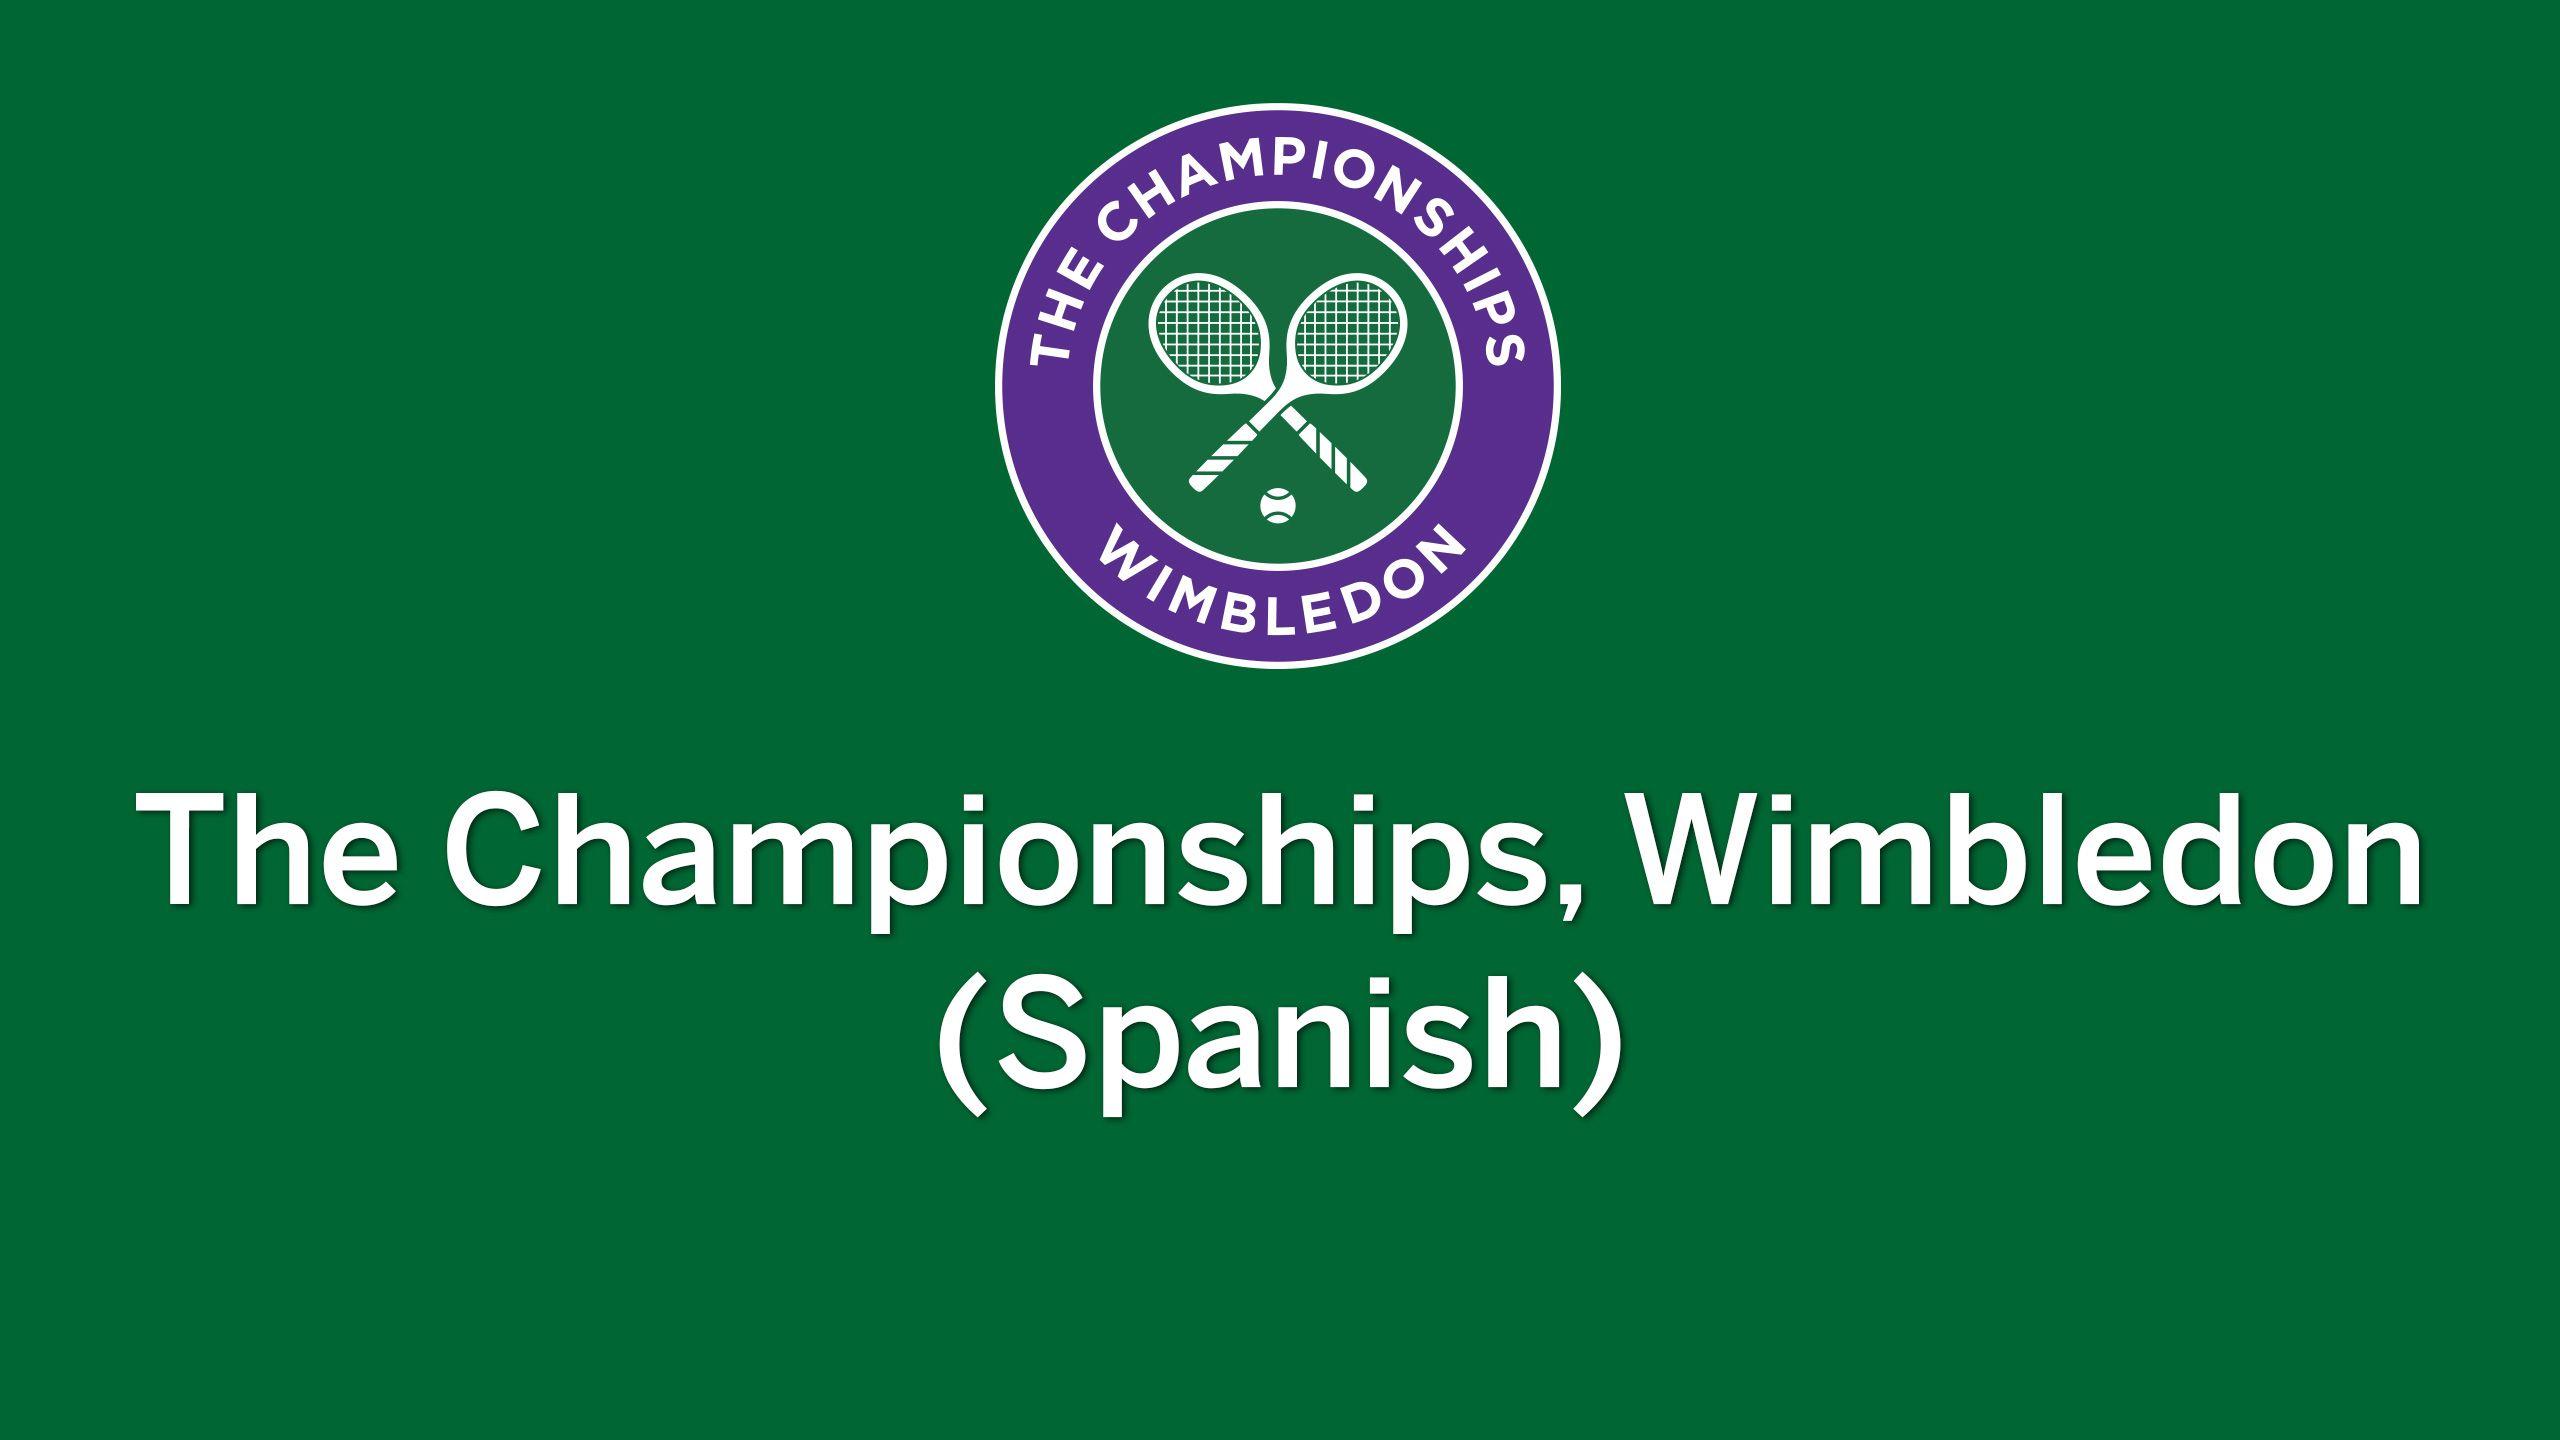 Wimbledon Tennis Championships - In Spanish (Gentlemen's Semifinals)